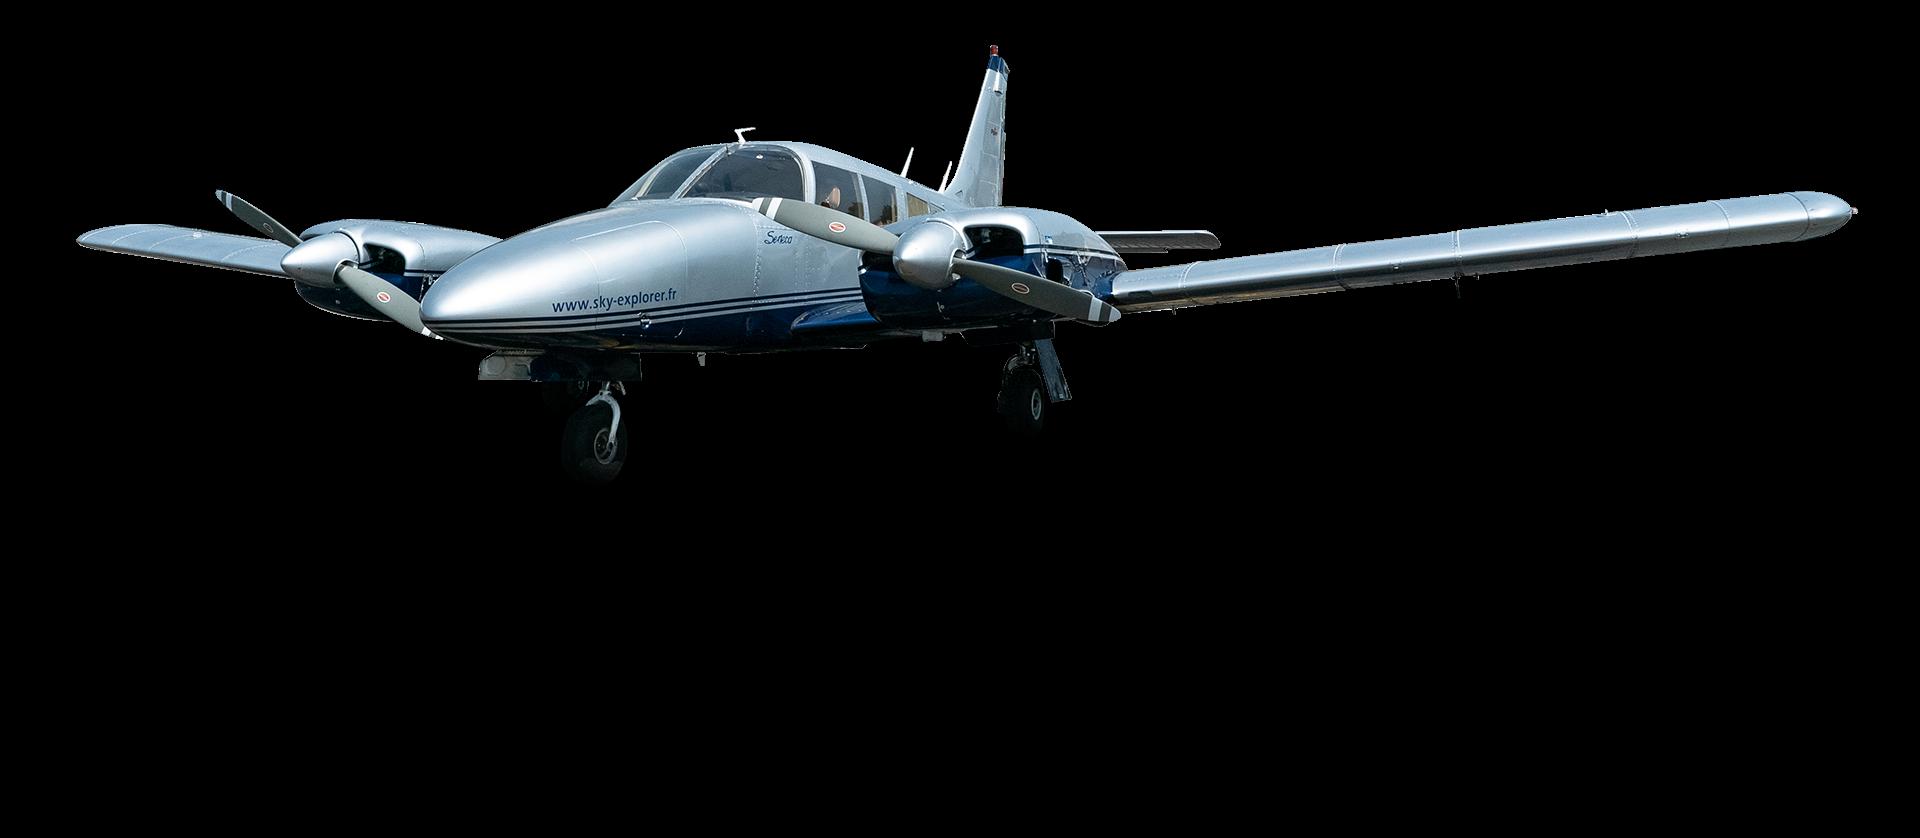 Piper Pa-34 Seneca (F-BVEE) Sky Explorer Ecole Aviation Aix Les Milles